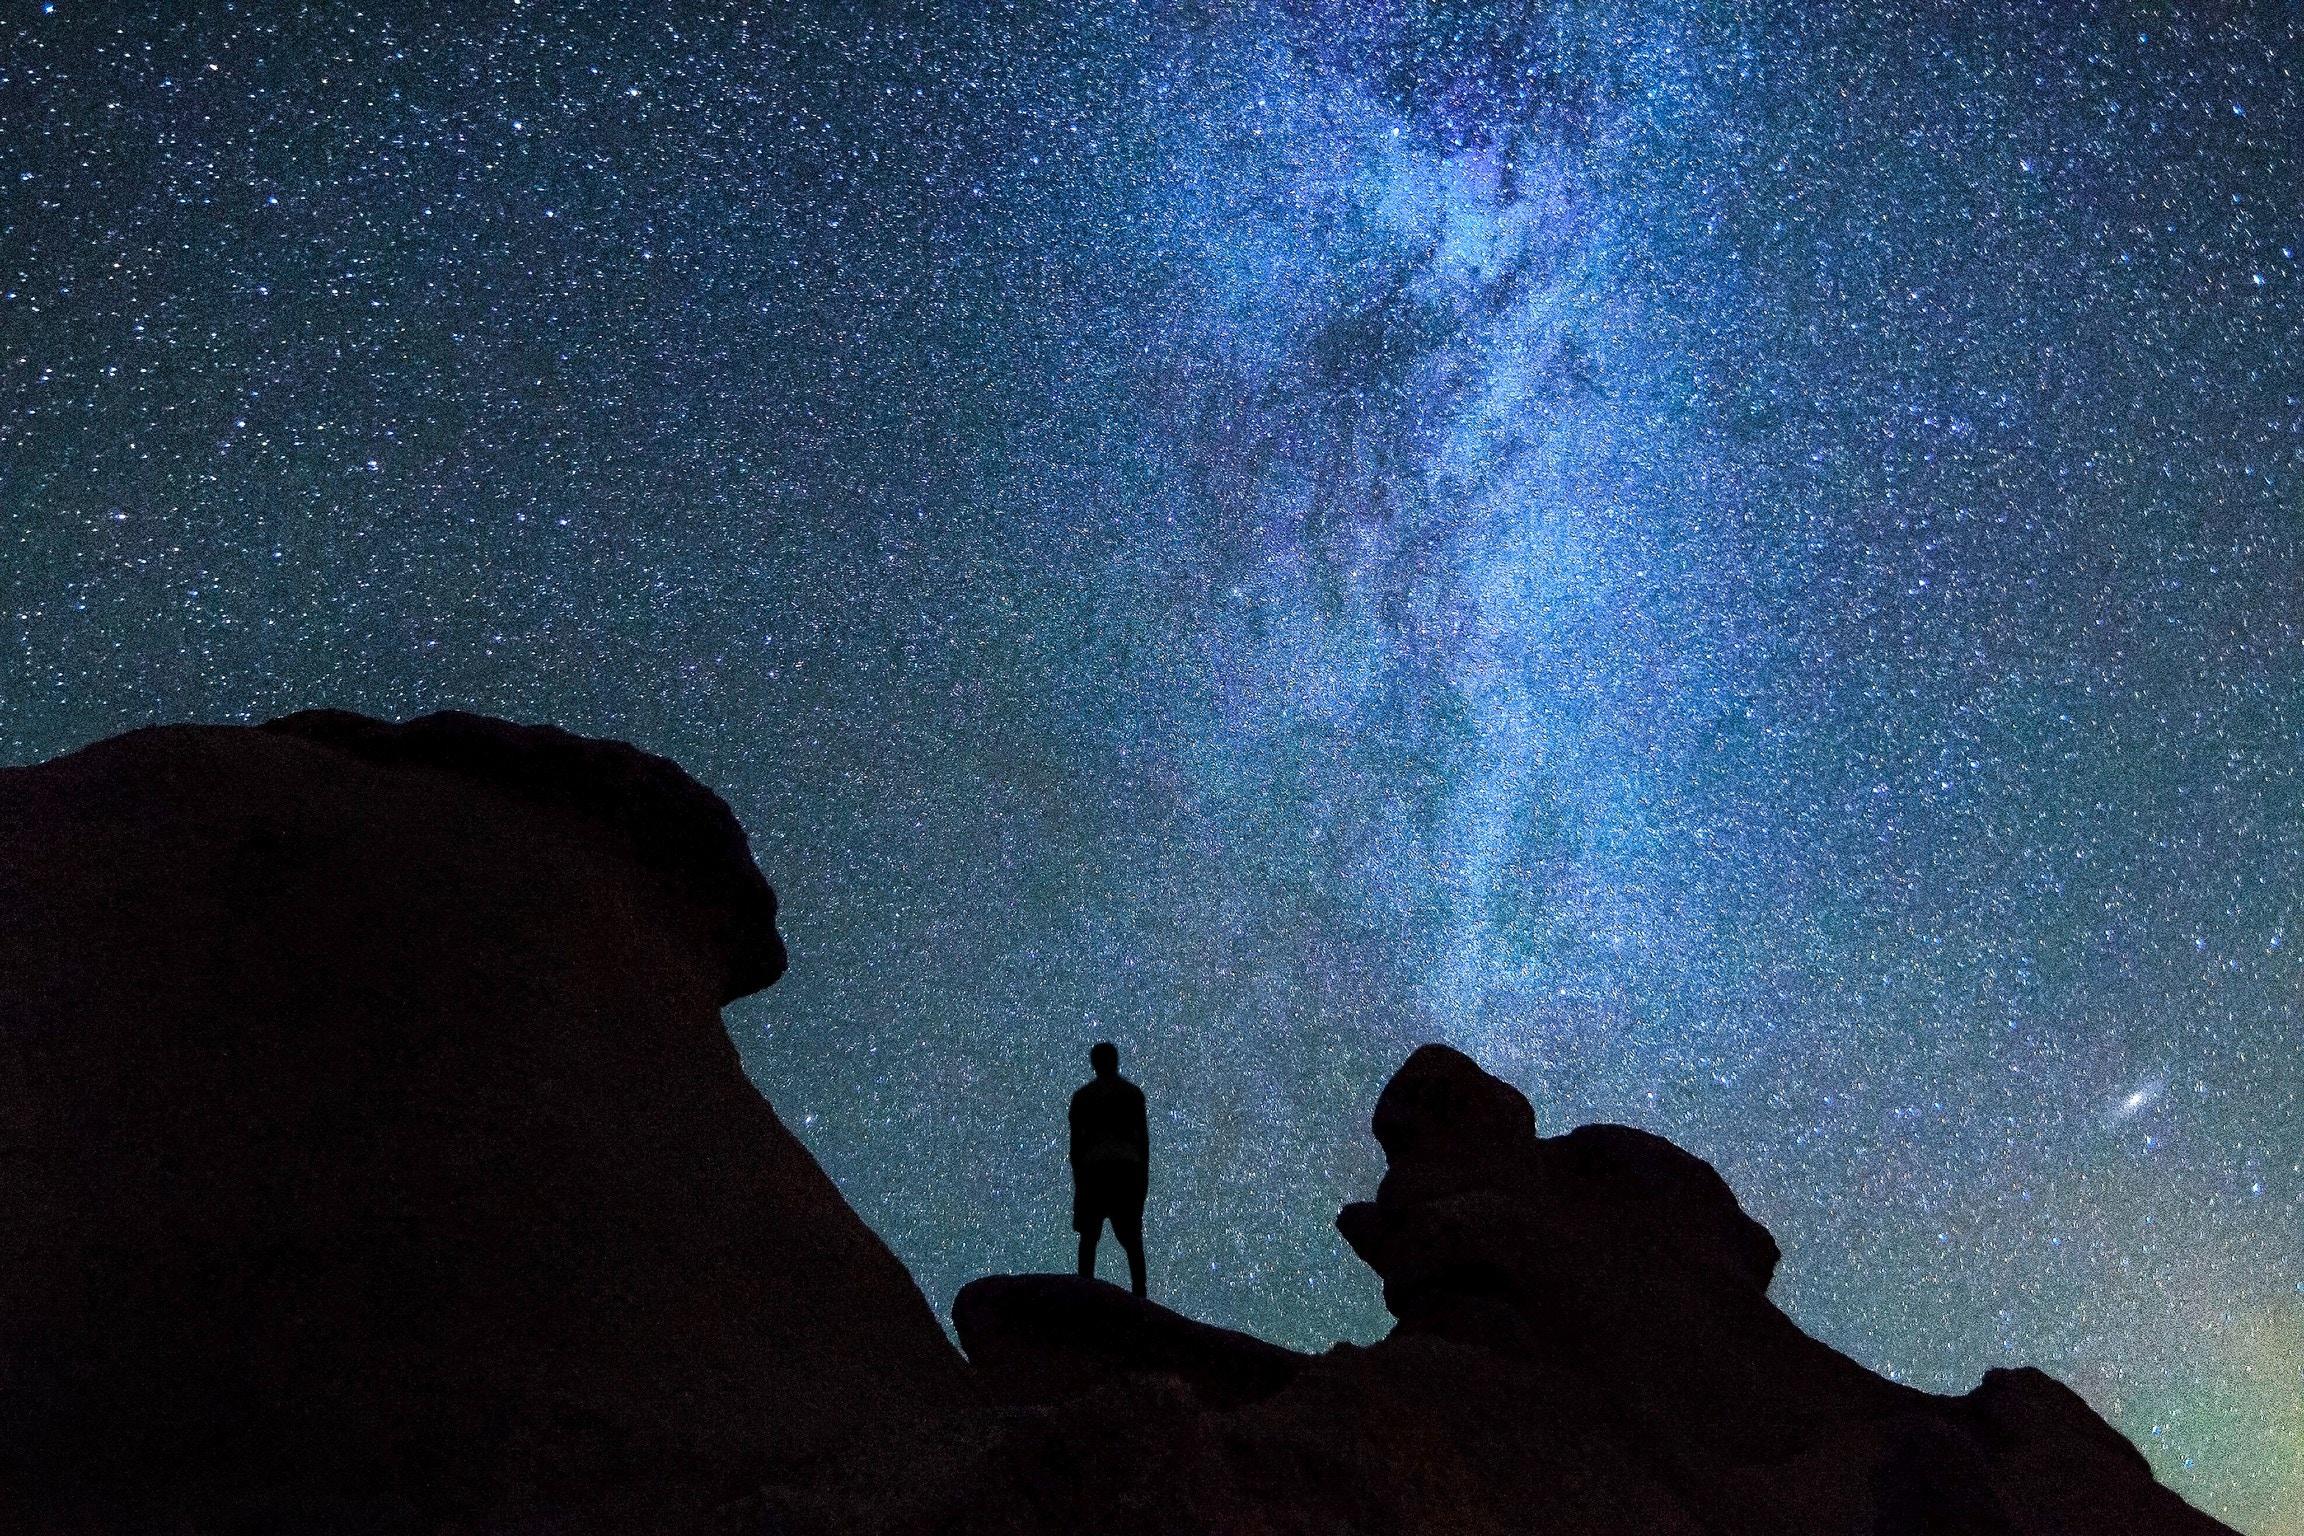 картинки со звездным небом и надпись я тебя найду глаз поклонников укрылся